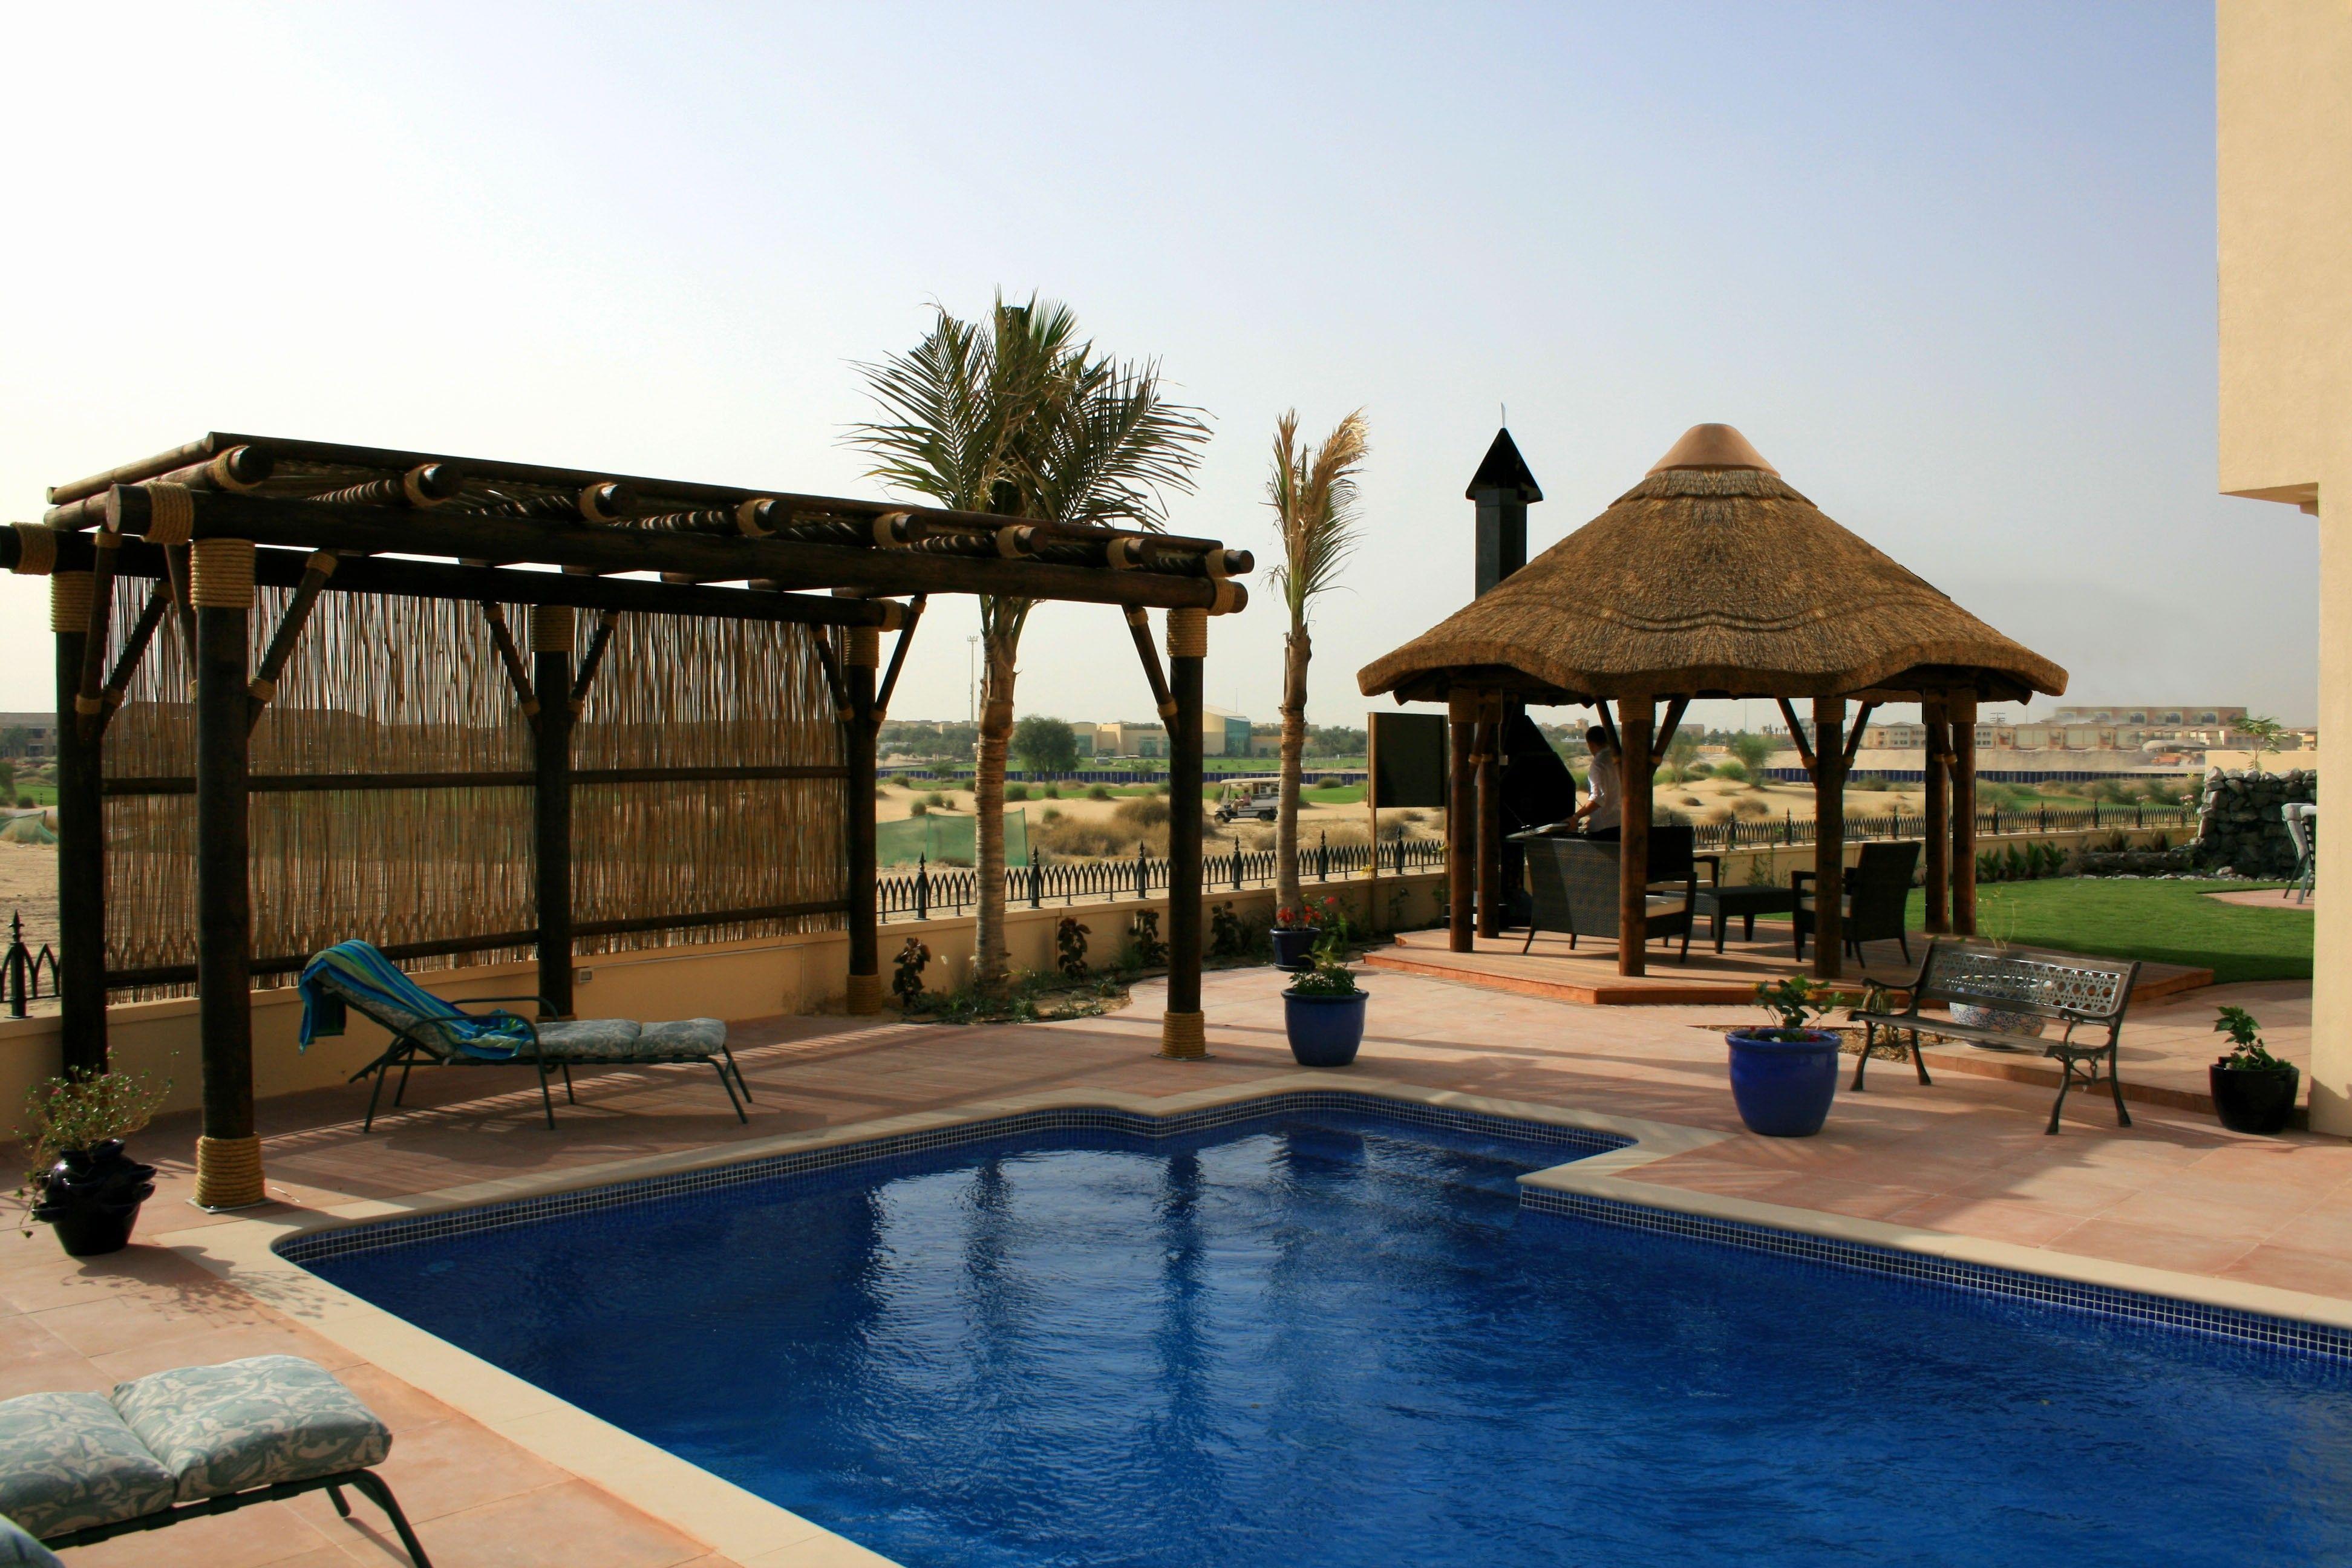 Perfect outdoor entertaining! Pool, Pergola, Gazebo